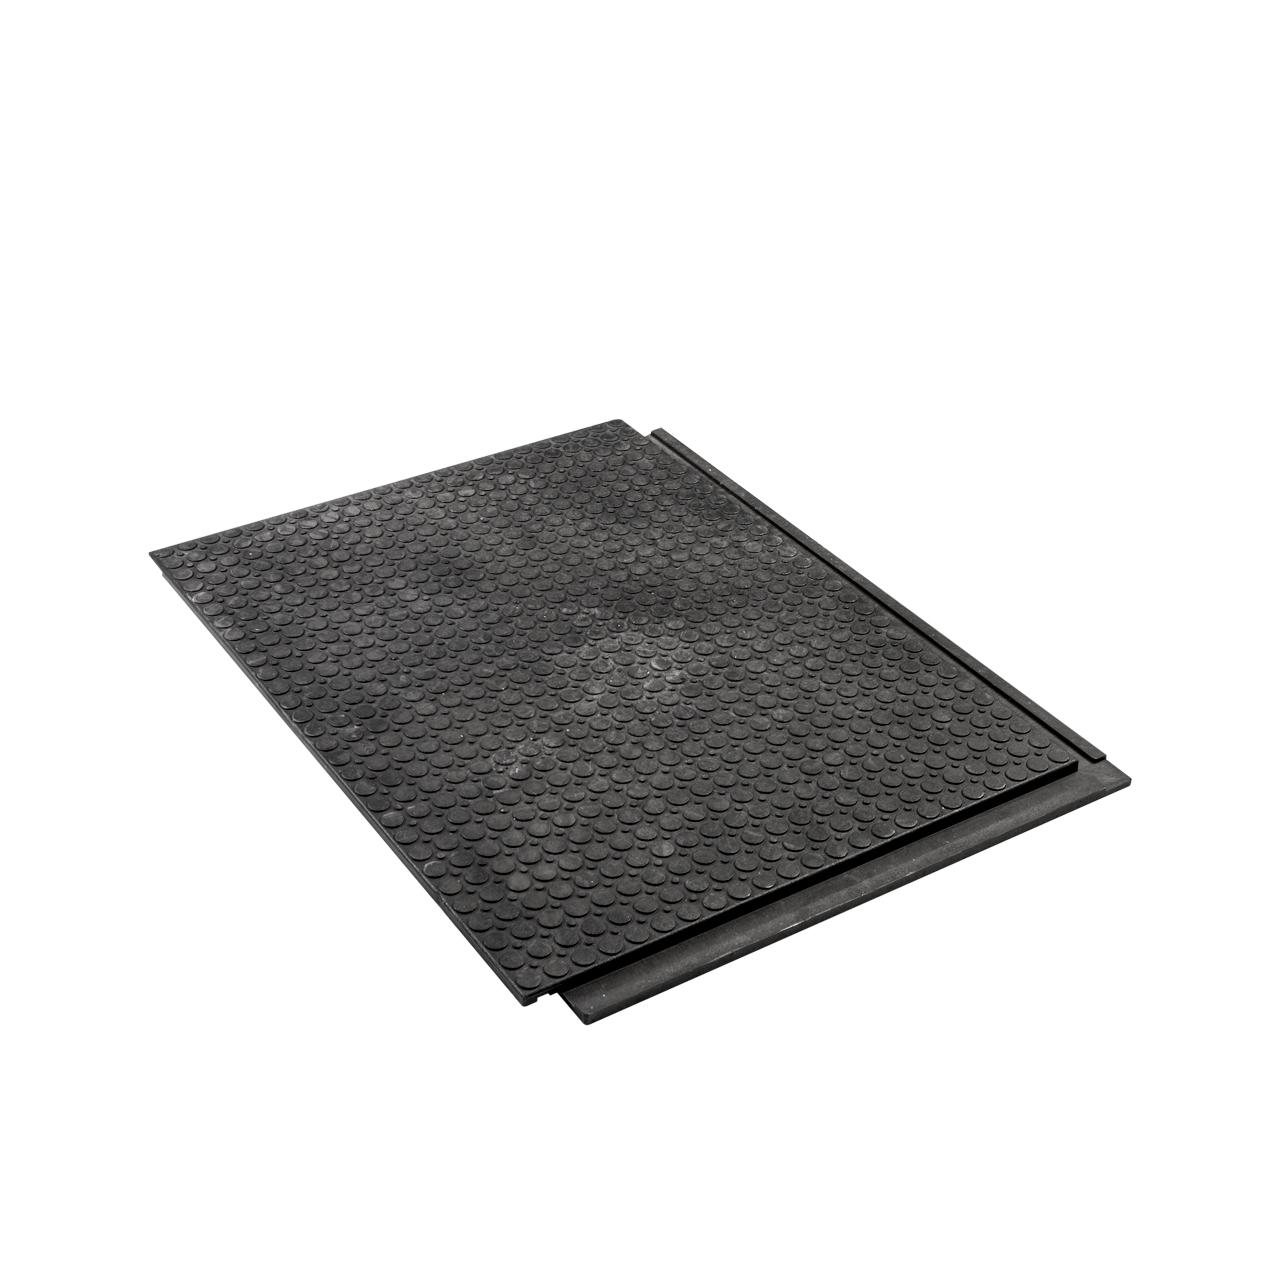 Schwerlastplatten Kaufen Schwerlastboden Fur Event Und Baustelle